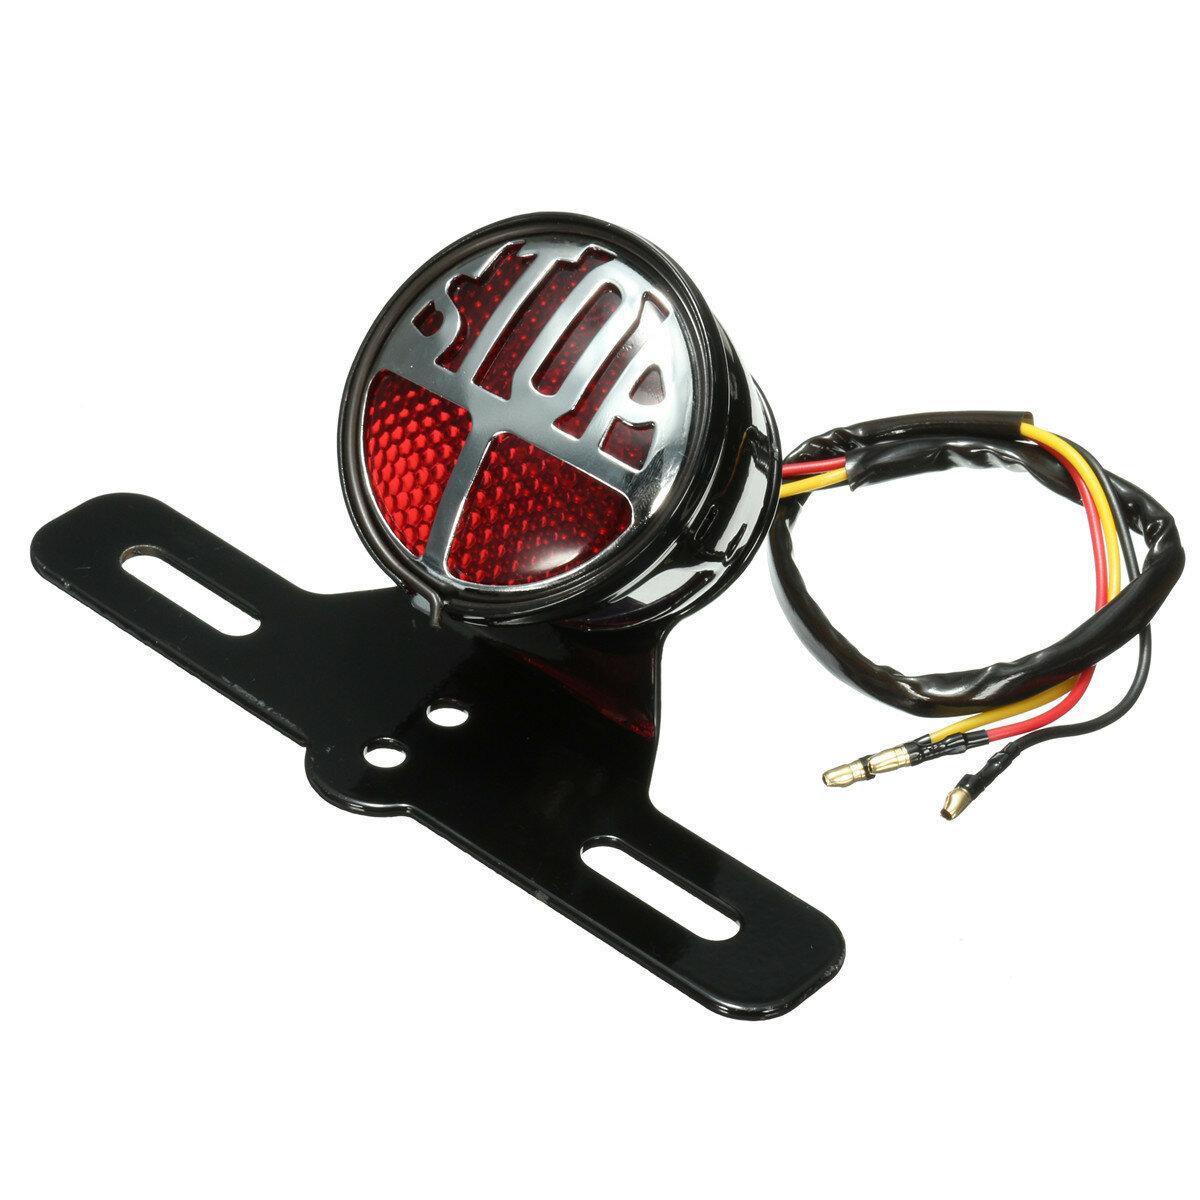 Motorcycle Rear Tail Brake Stop Light